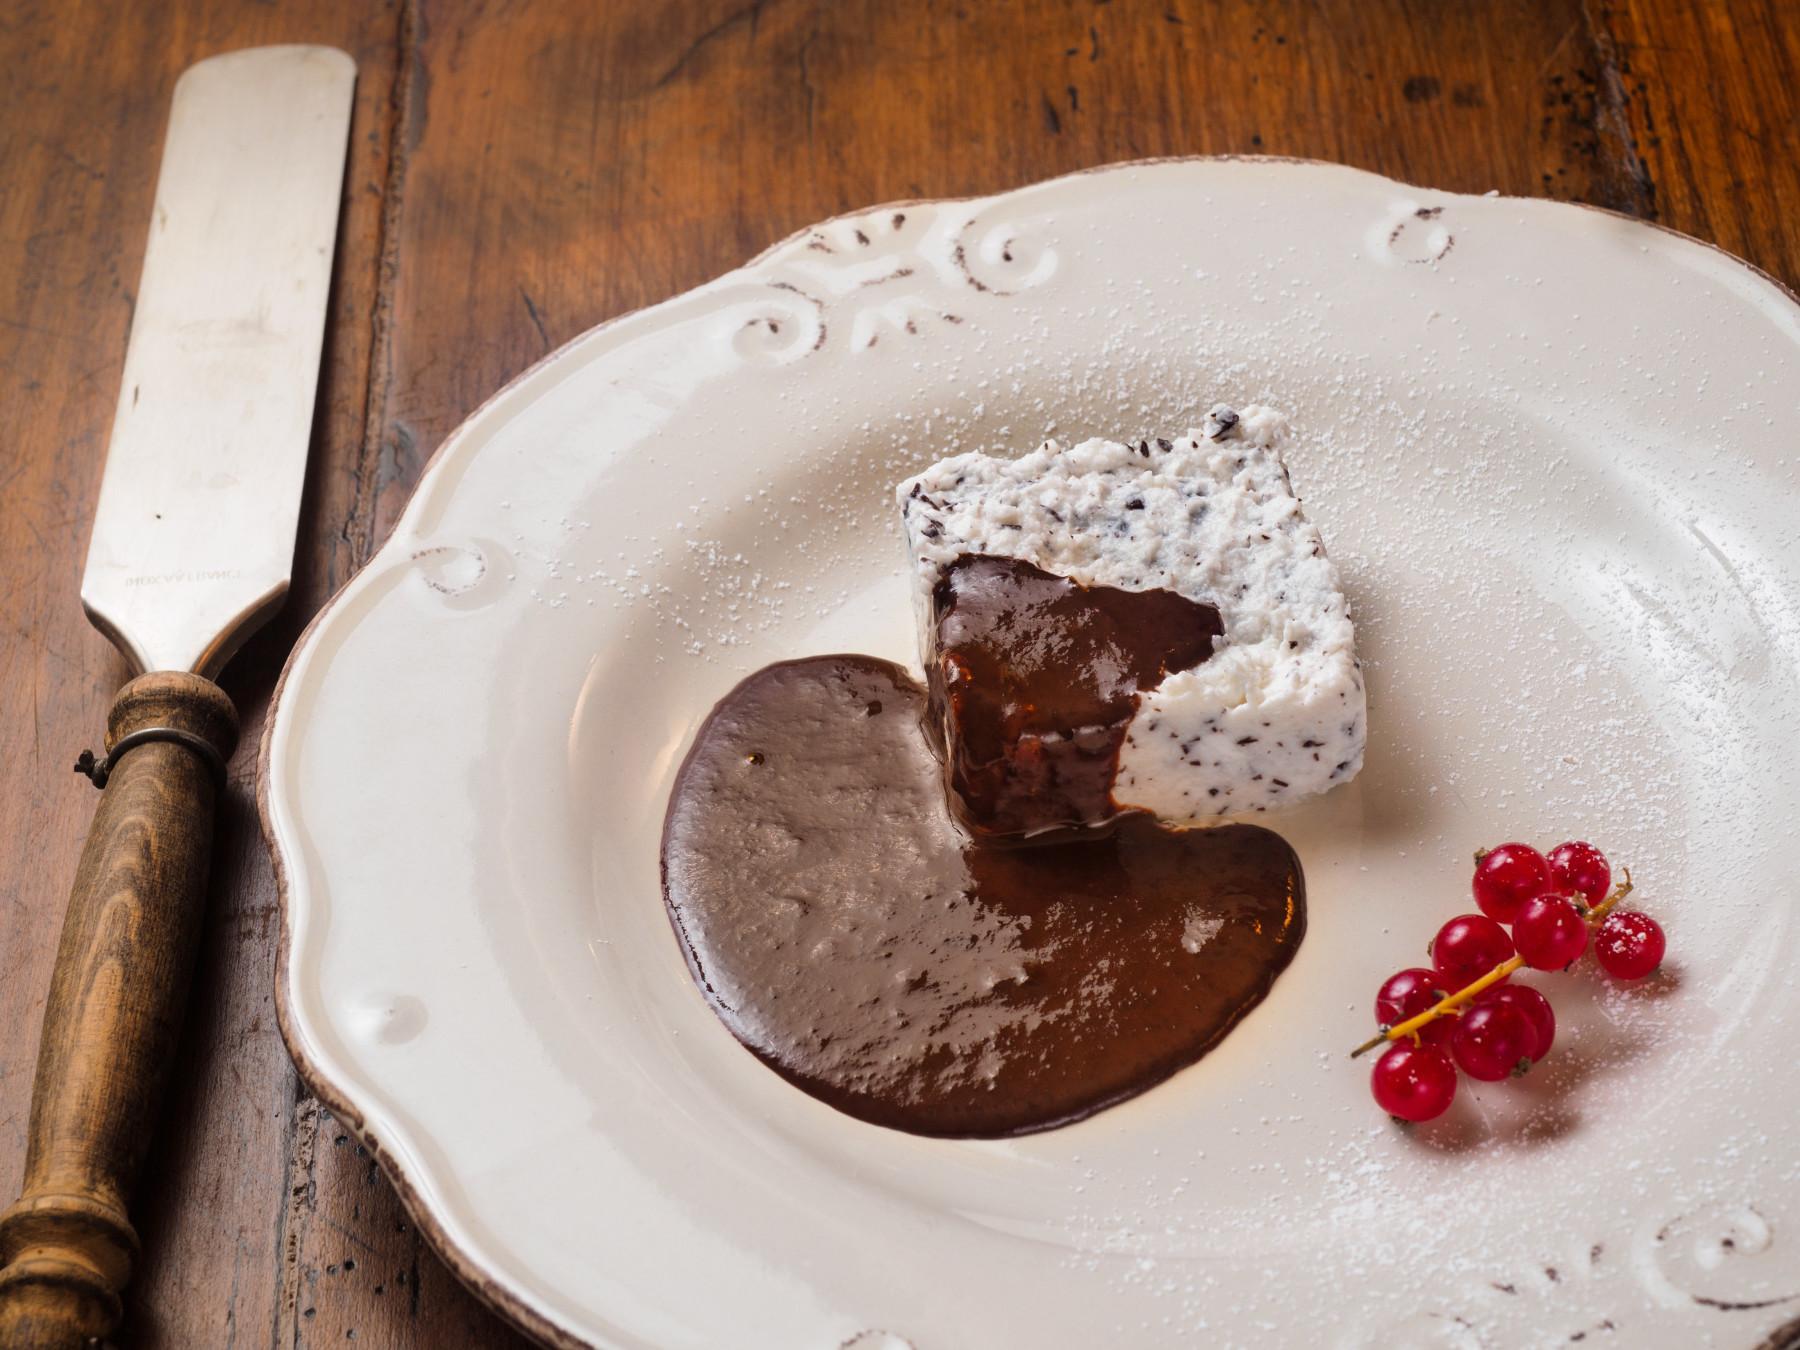 Il Moderno - Sformatino di ricotta al cocco e cioccolato